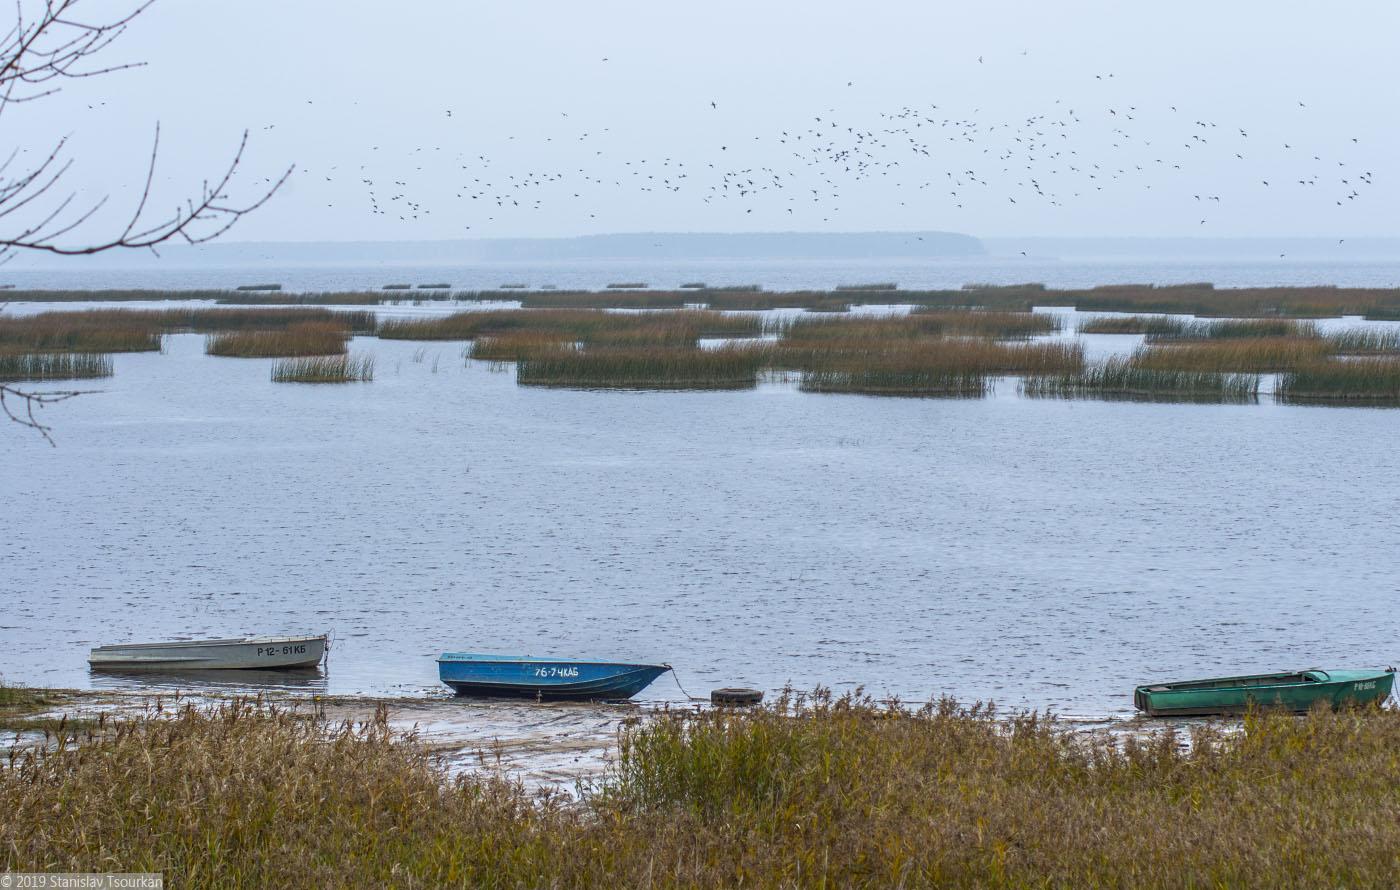 Весьегонск, лодки, Рыбинское море, Рыбинское водохранилище